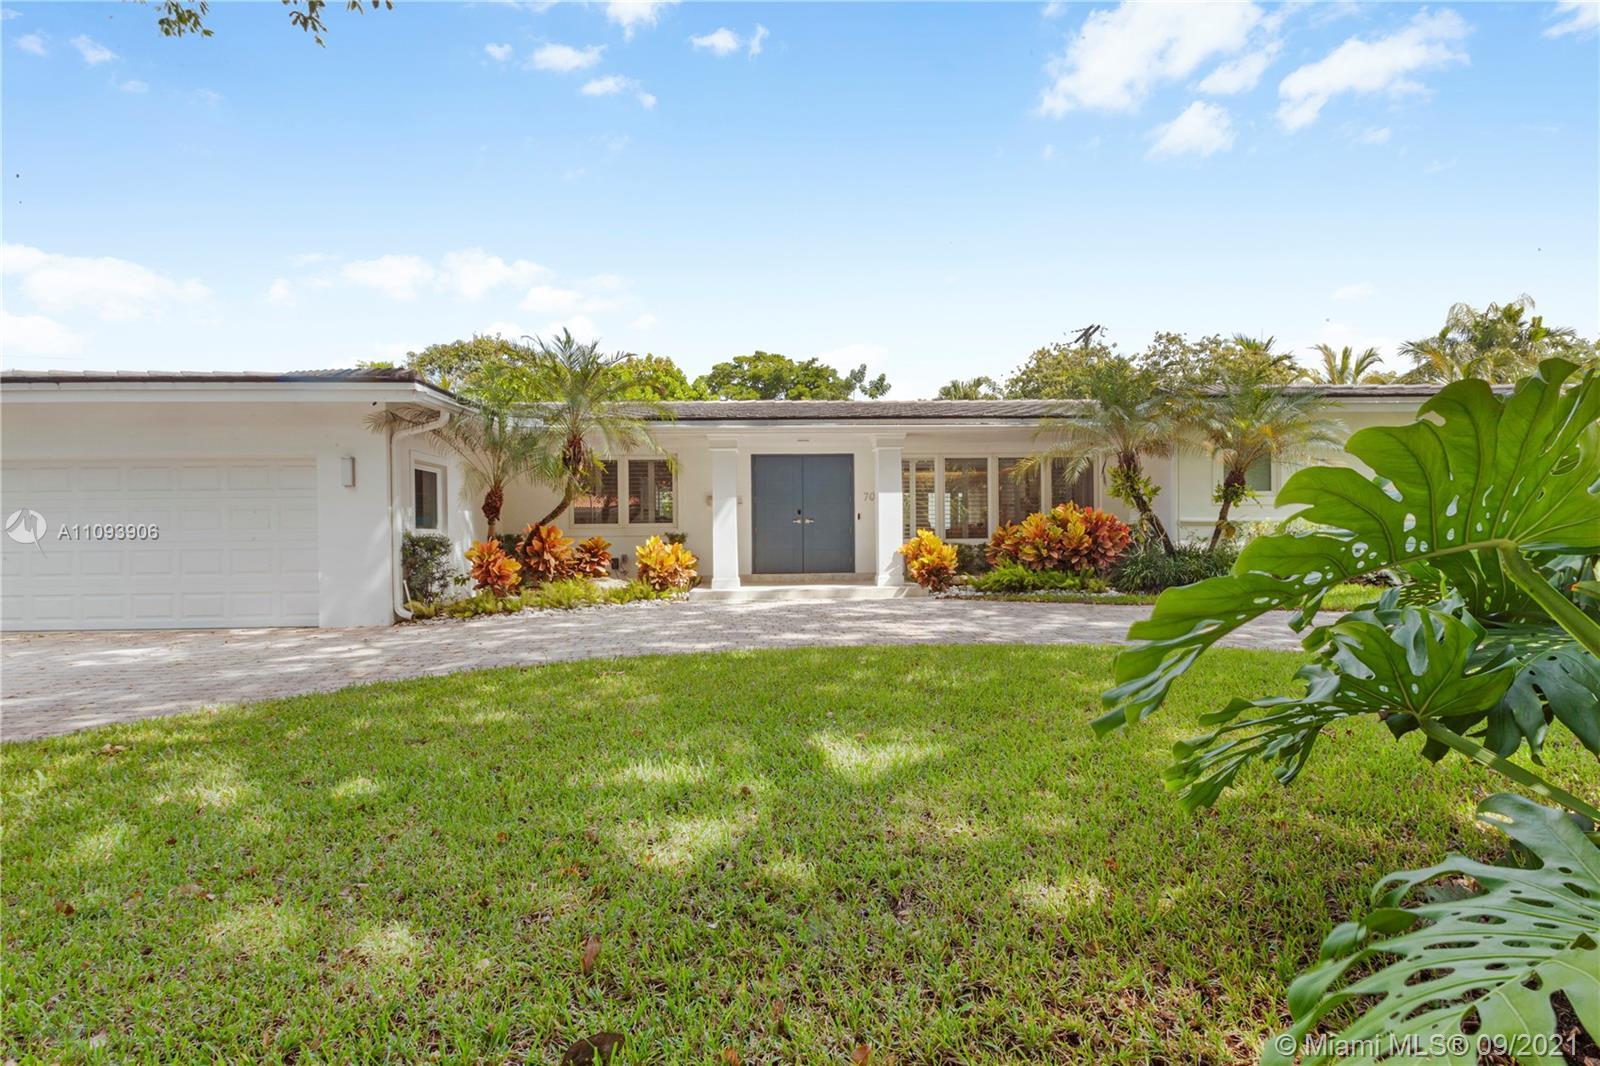 701 Coronado Ave, Coral Gables, Florida 33143